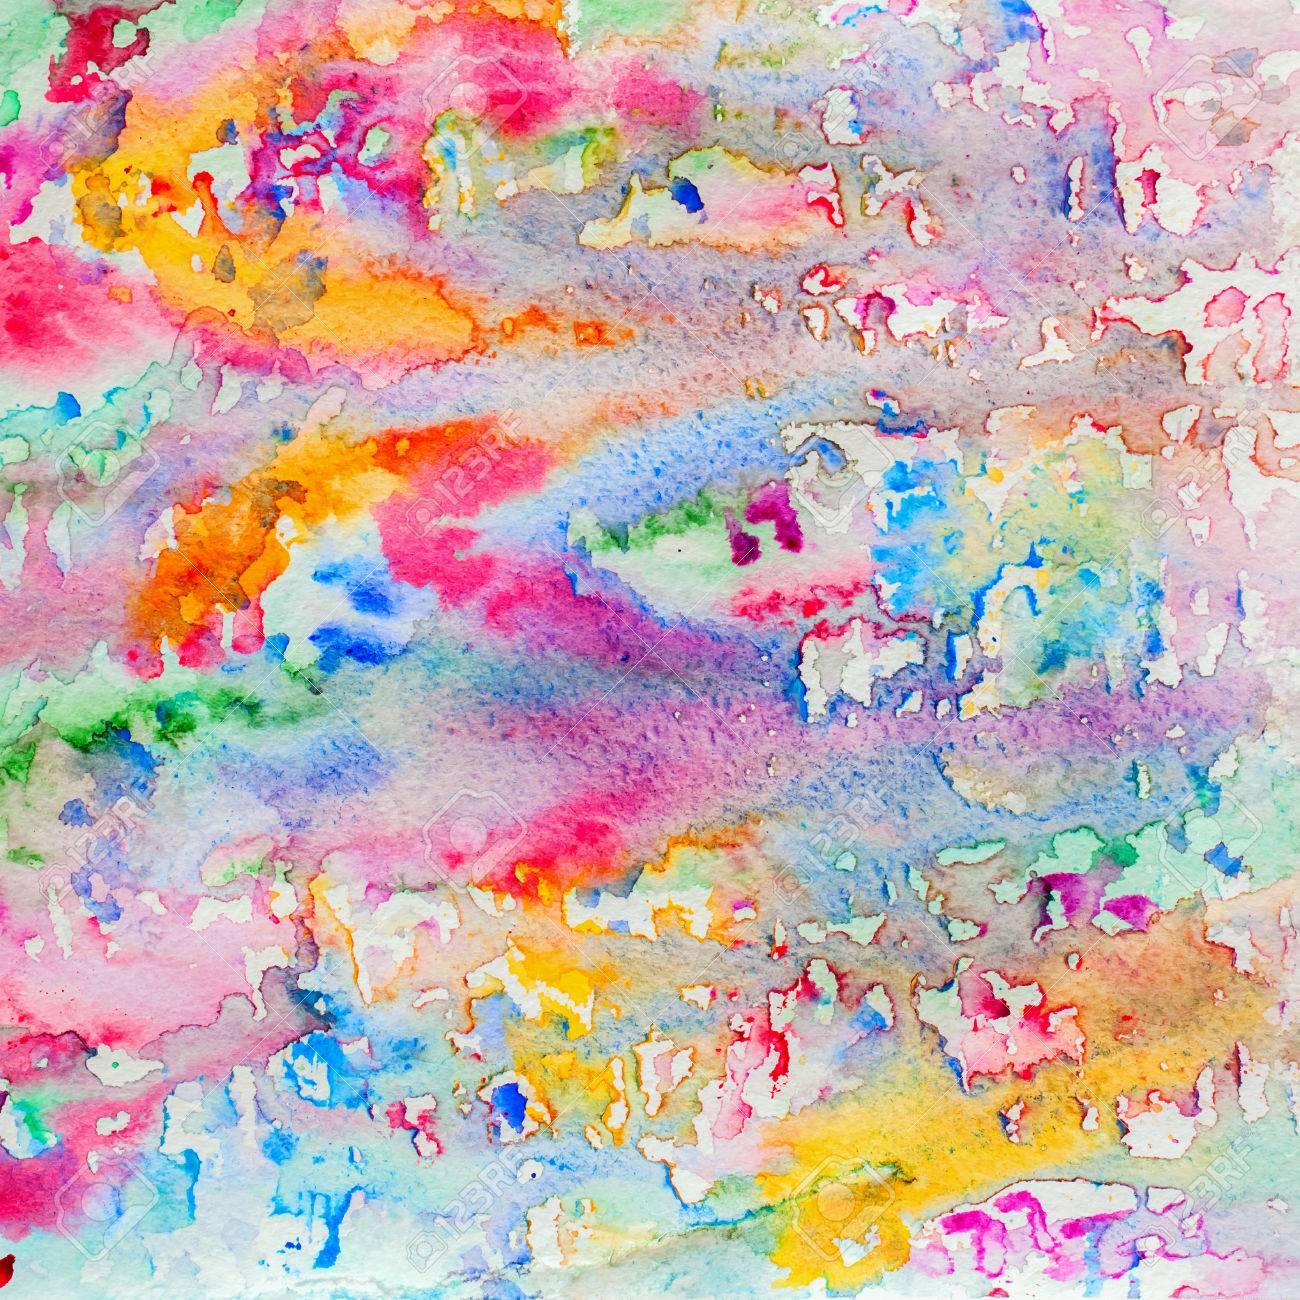 Aquarelle Abstraite Toutes Les Couleurs De La Peinture De Fond Arc En Ciel  Avec Spray, Taches, éclaboussures. Main Dessinée Sur La Texture Du Grain De  ...